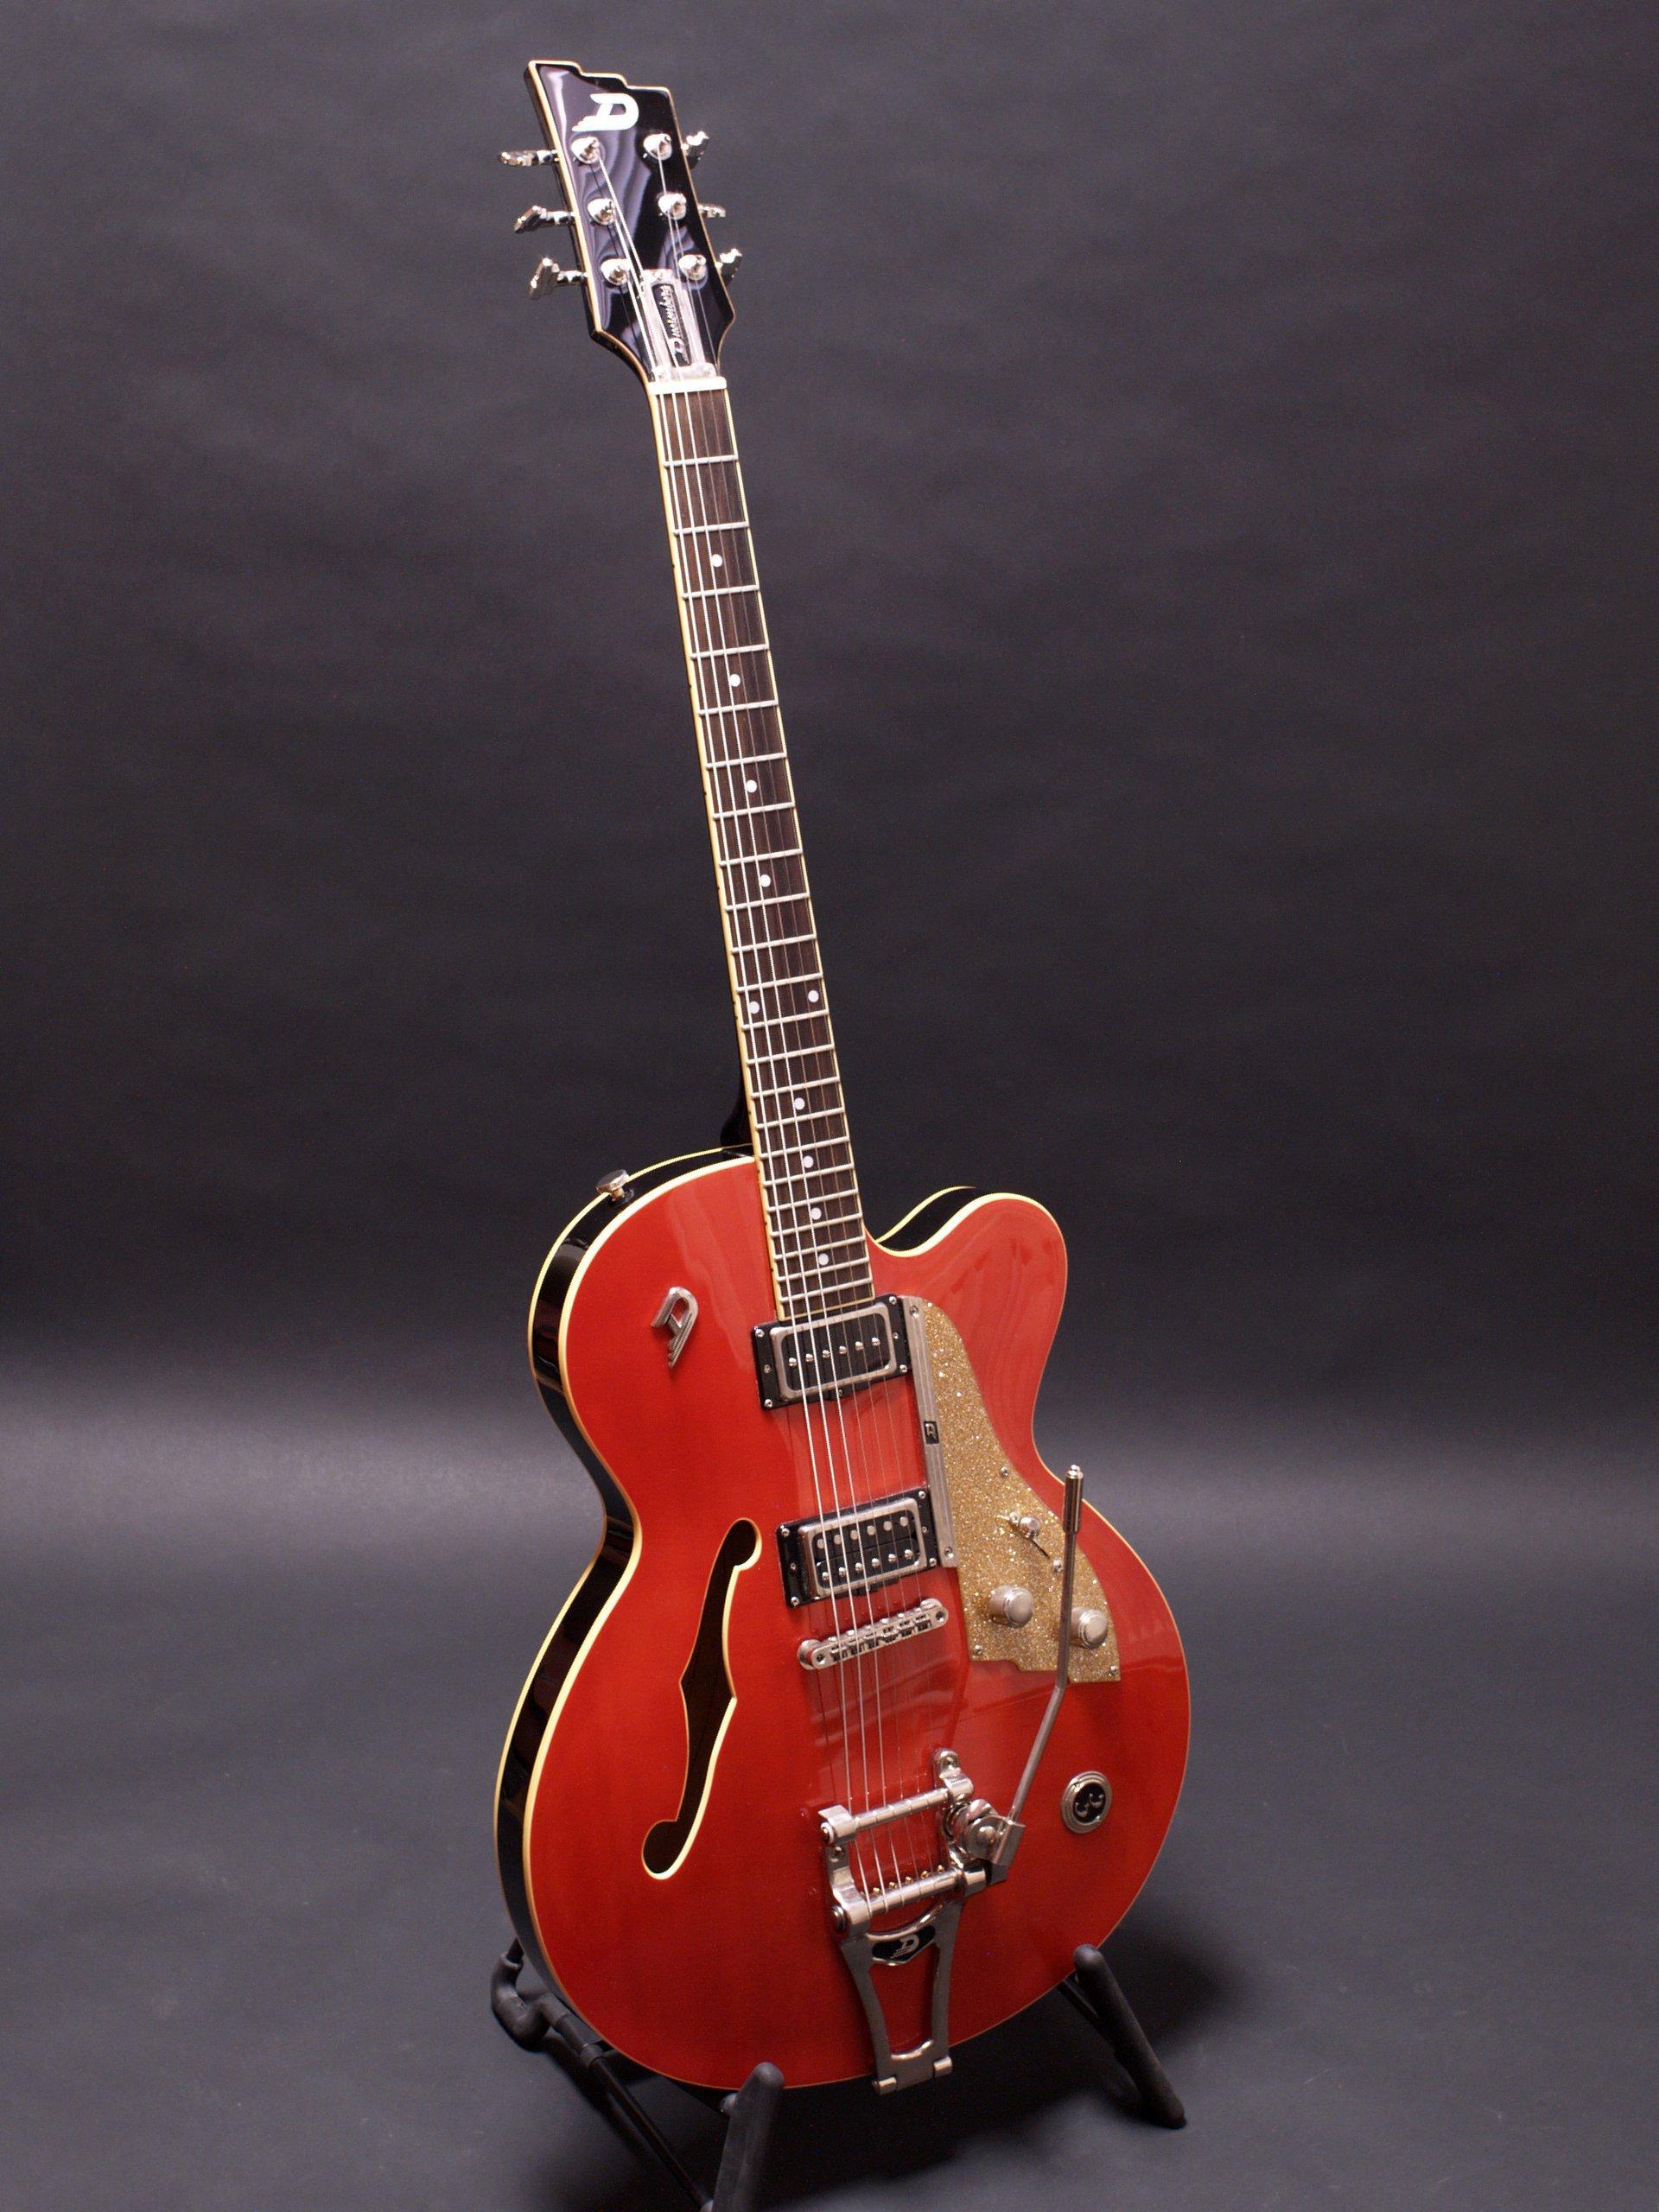 duesenberg carl carlton 2007 orange guitar for sale musical trades. Black Bedroom Furniture Sets. Home Design Ideas